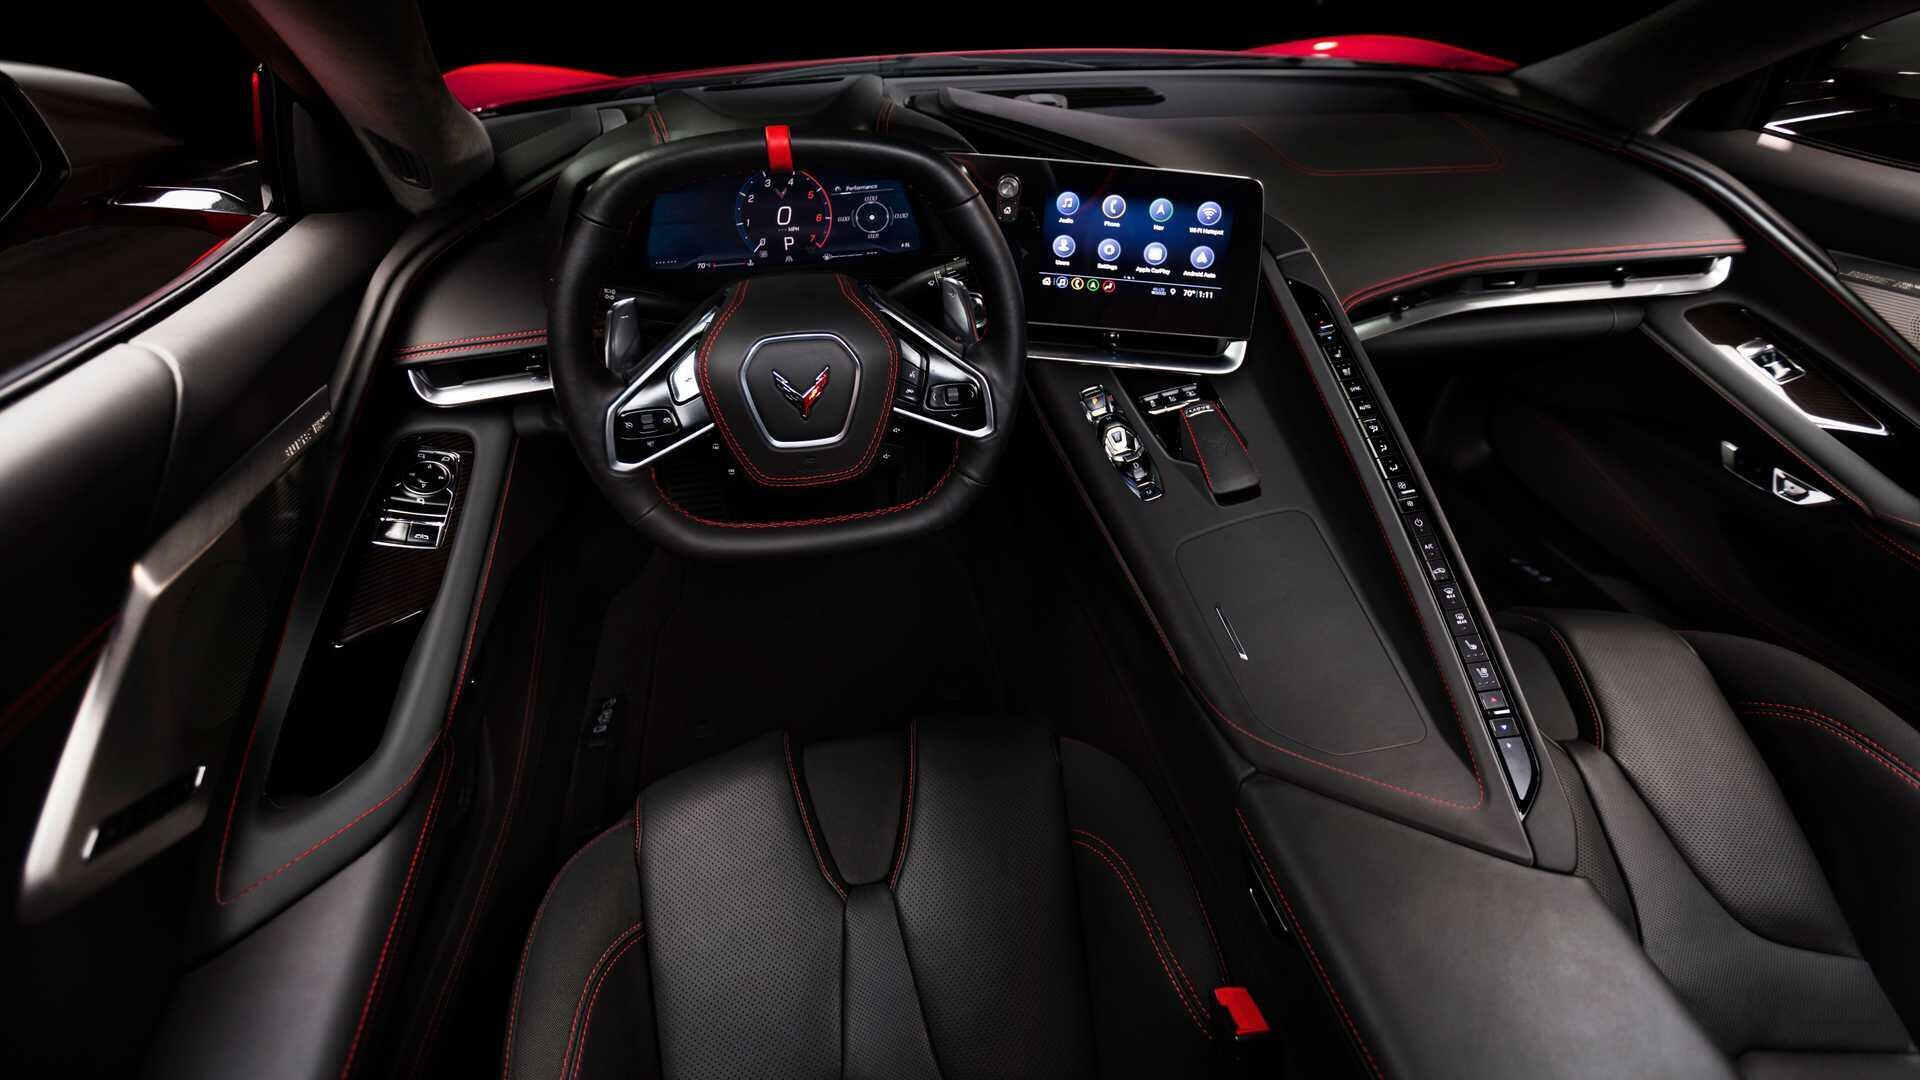 https://cdn.dailyxe.com.vn/image/chevrolet-corvette-2020-co-mot-so-tinh-nang-an-tuyet-voi-77-94579j2.jpg